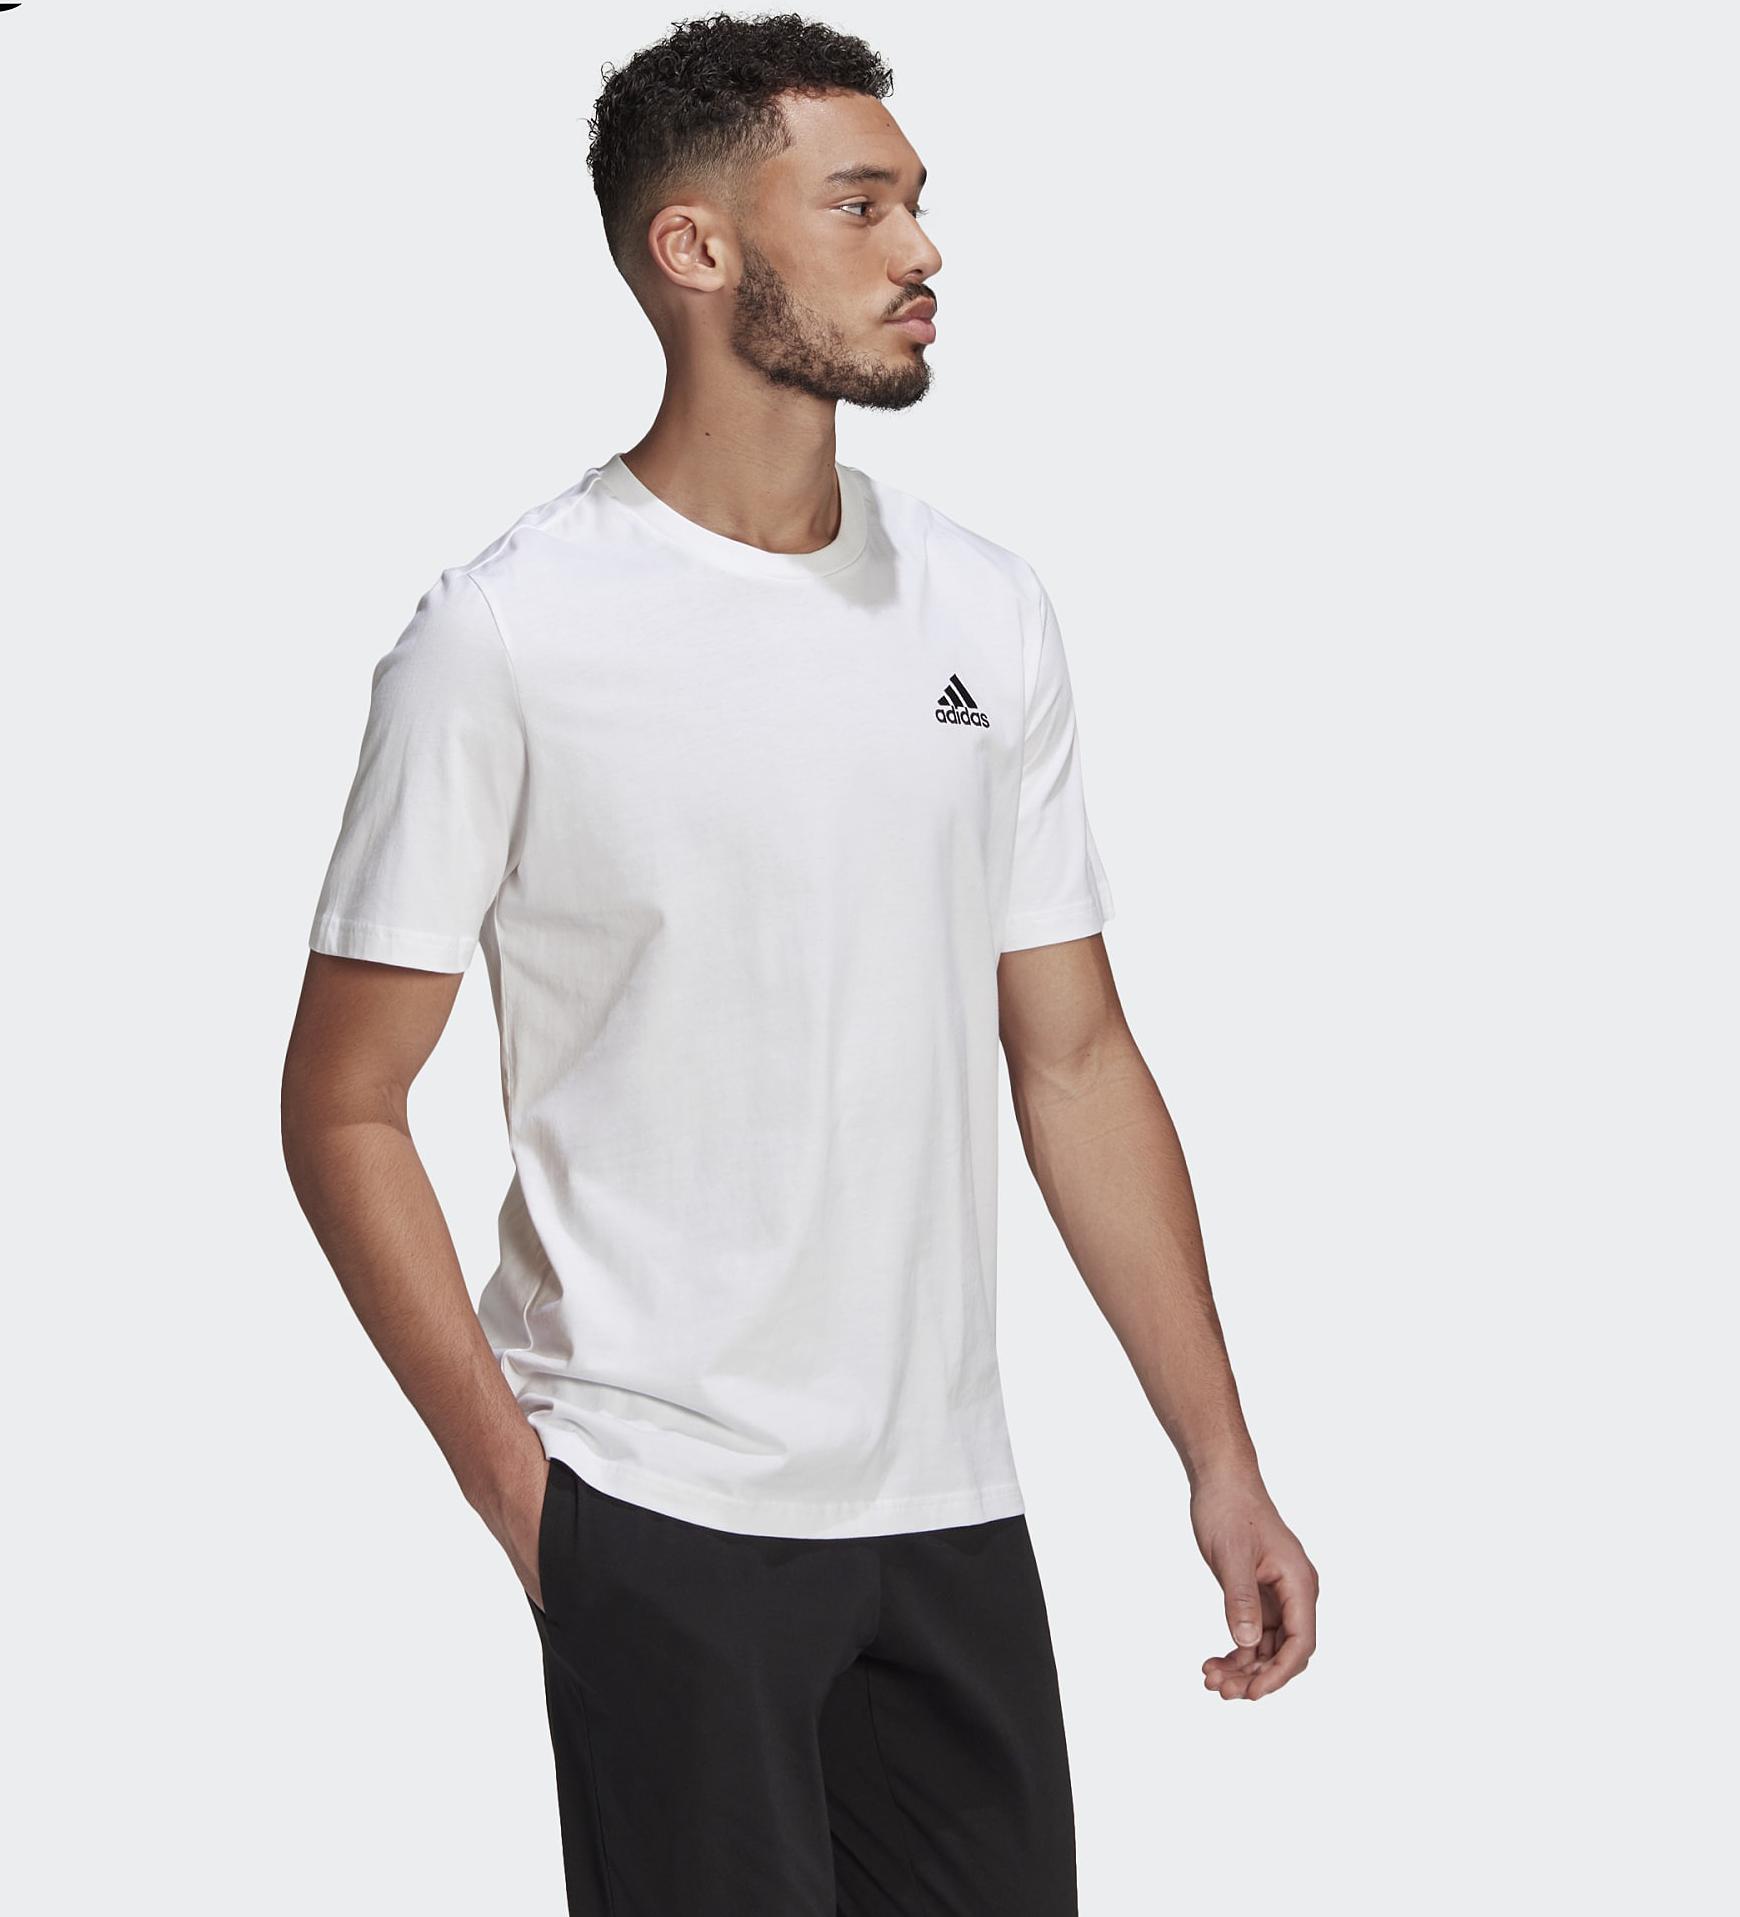 Áo thun Adidas chính hãng thêu logo T-SHIRT GK9640 giảm 490.000đ(- 42 %)Nó mềm mại và thoải mái như một chiếc áo thun cổ điển, và nó có logo adidas Badge of Sport tinh tế để bạn có thể mặc nó mọi lúc, mọi nơi. Sản phẩm này được làm từ vật liệu tái chế như một phần mong muốn của chúng tôi nhằm chấm dứt ô nhiễm nhựa. Các sản phẩm bông của chúng tôi hỗ trợ việc trồng bông bền vững. Đây là một phần trong mong muốn của chúng tôi nhằm chấm dứt tình trạng ô nhiễm nhựa.Chất liệu: 70% cotton, 30% polyester tái chế dệt kim. Bảo quản và sử dụng:Không sử dụng chất làm trắngMáy sấy có thể được sử dụng ở nhiệt độ thấp.Không giặt khô, ủi ở nhiệt độ cao và giặt máy ở nhiệt độ cao.